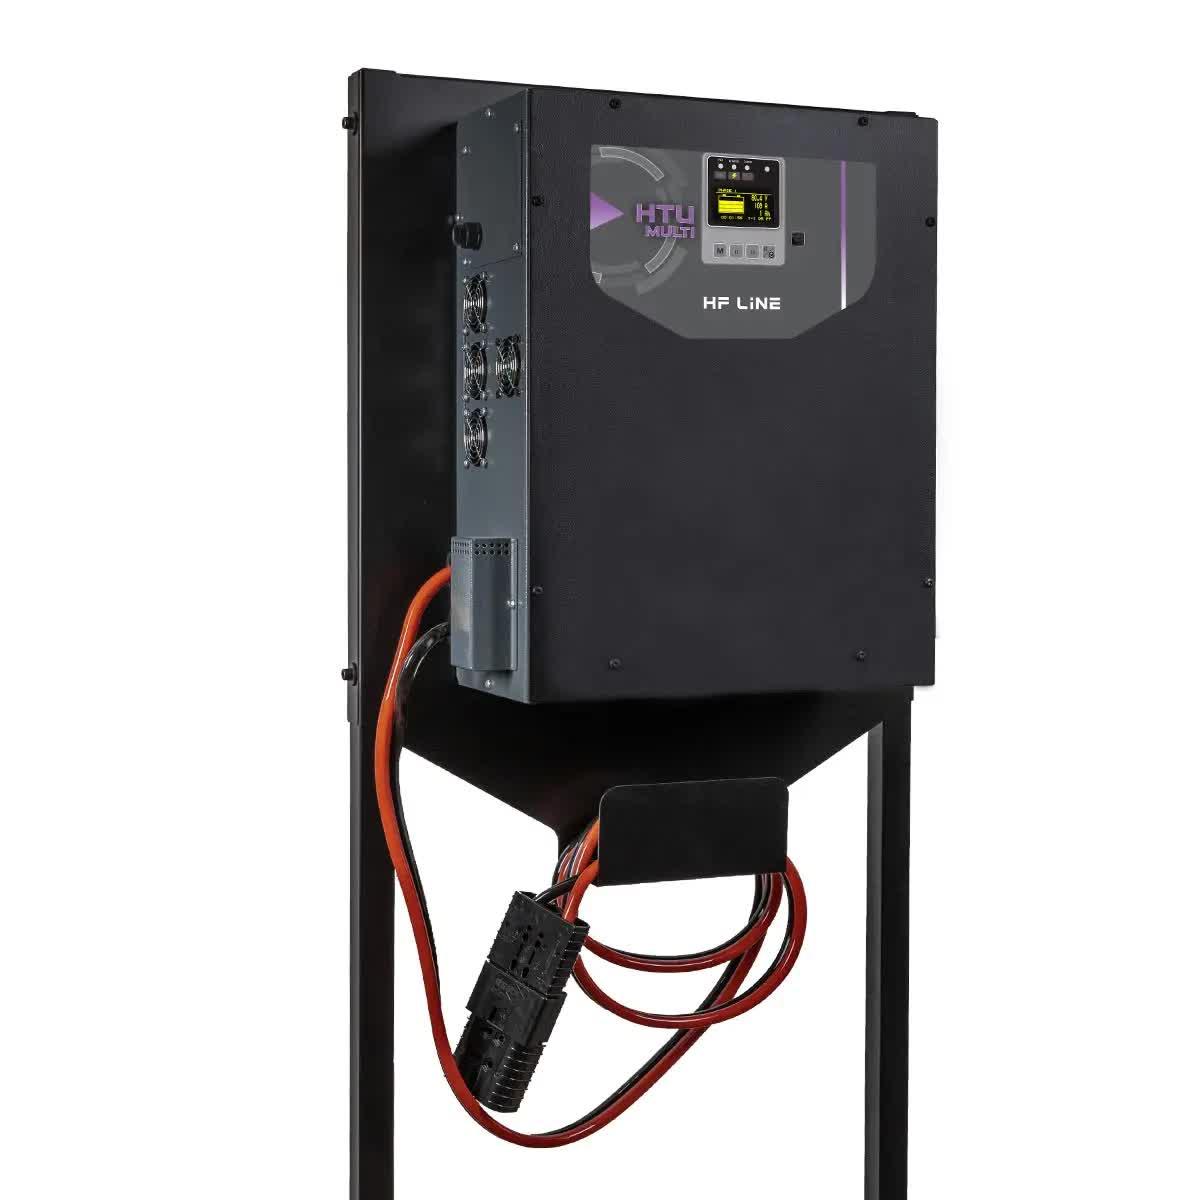 Cargadores de baterías para montacargas, Brescia, Italia, ATIB Elettronica